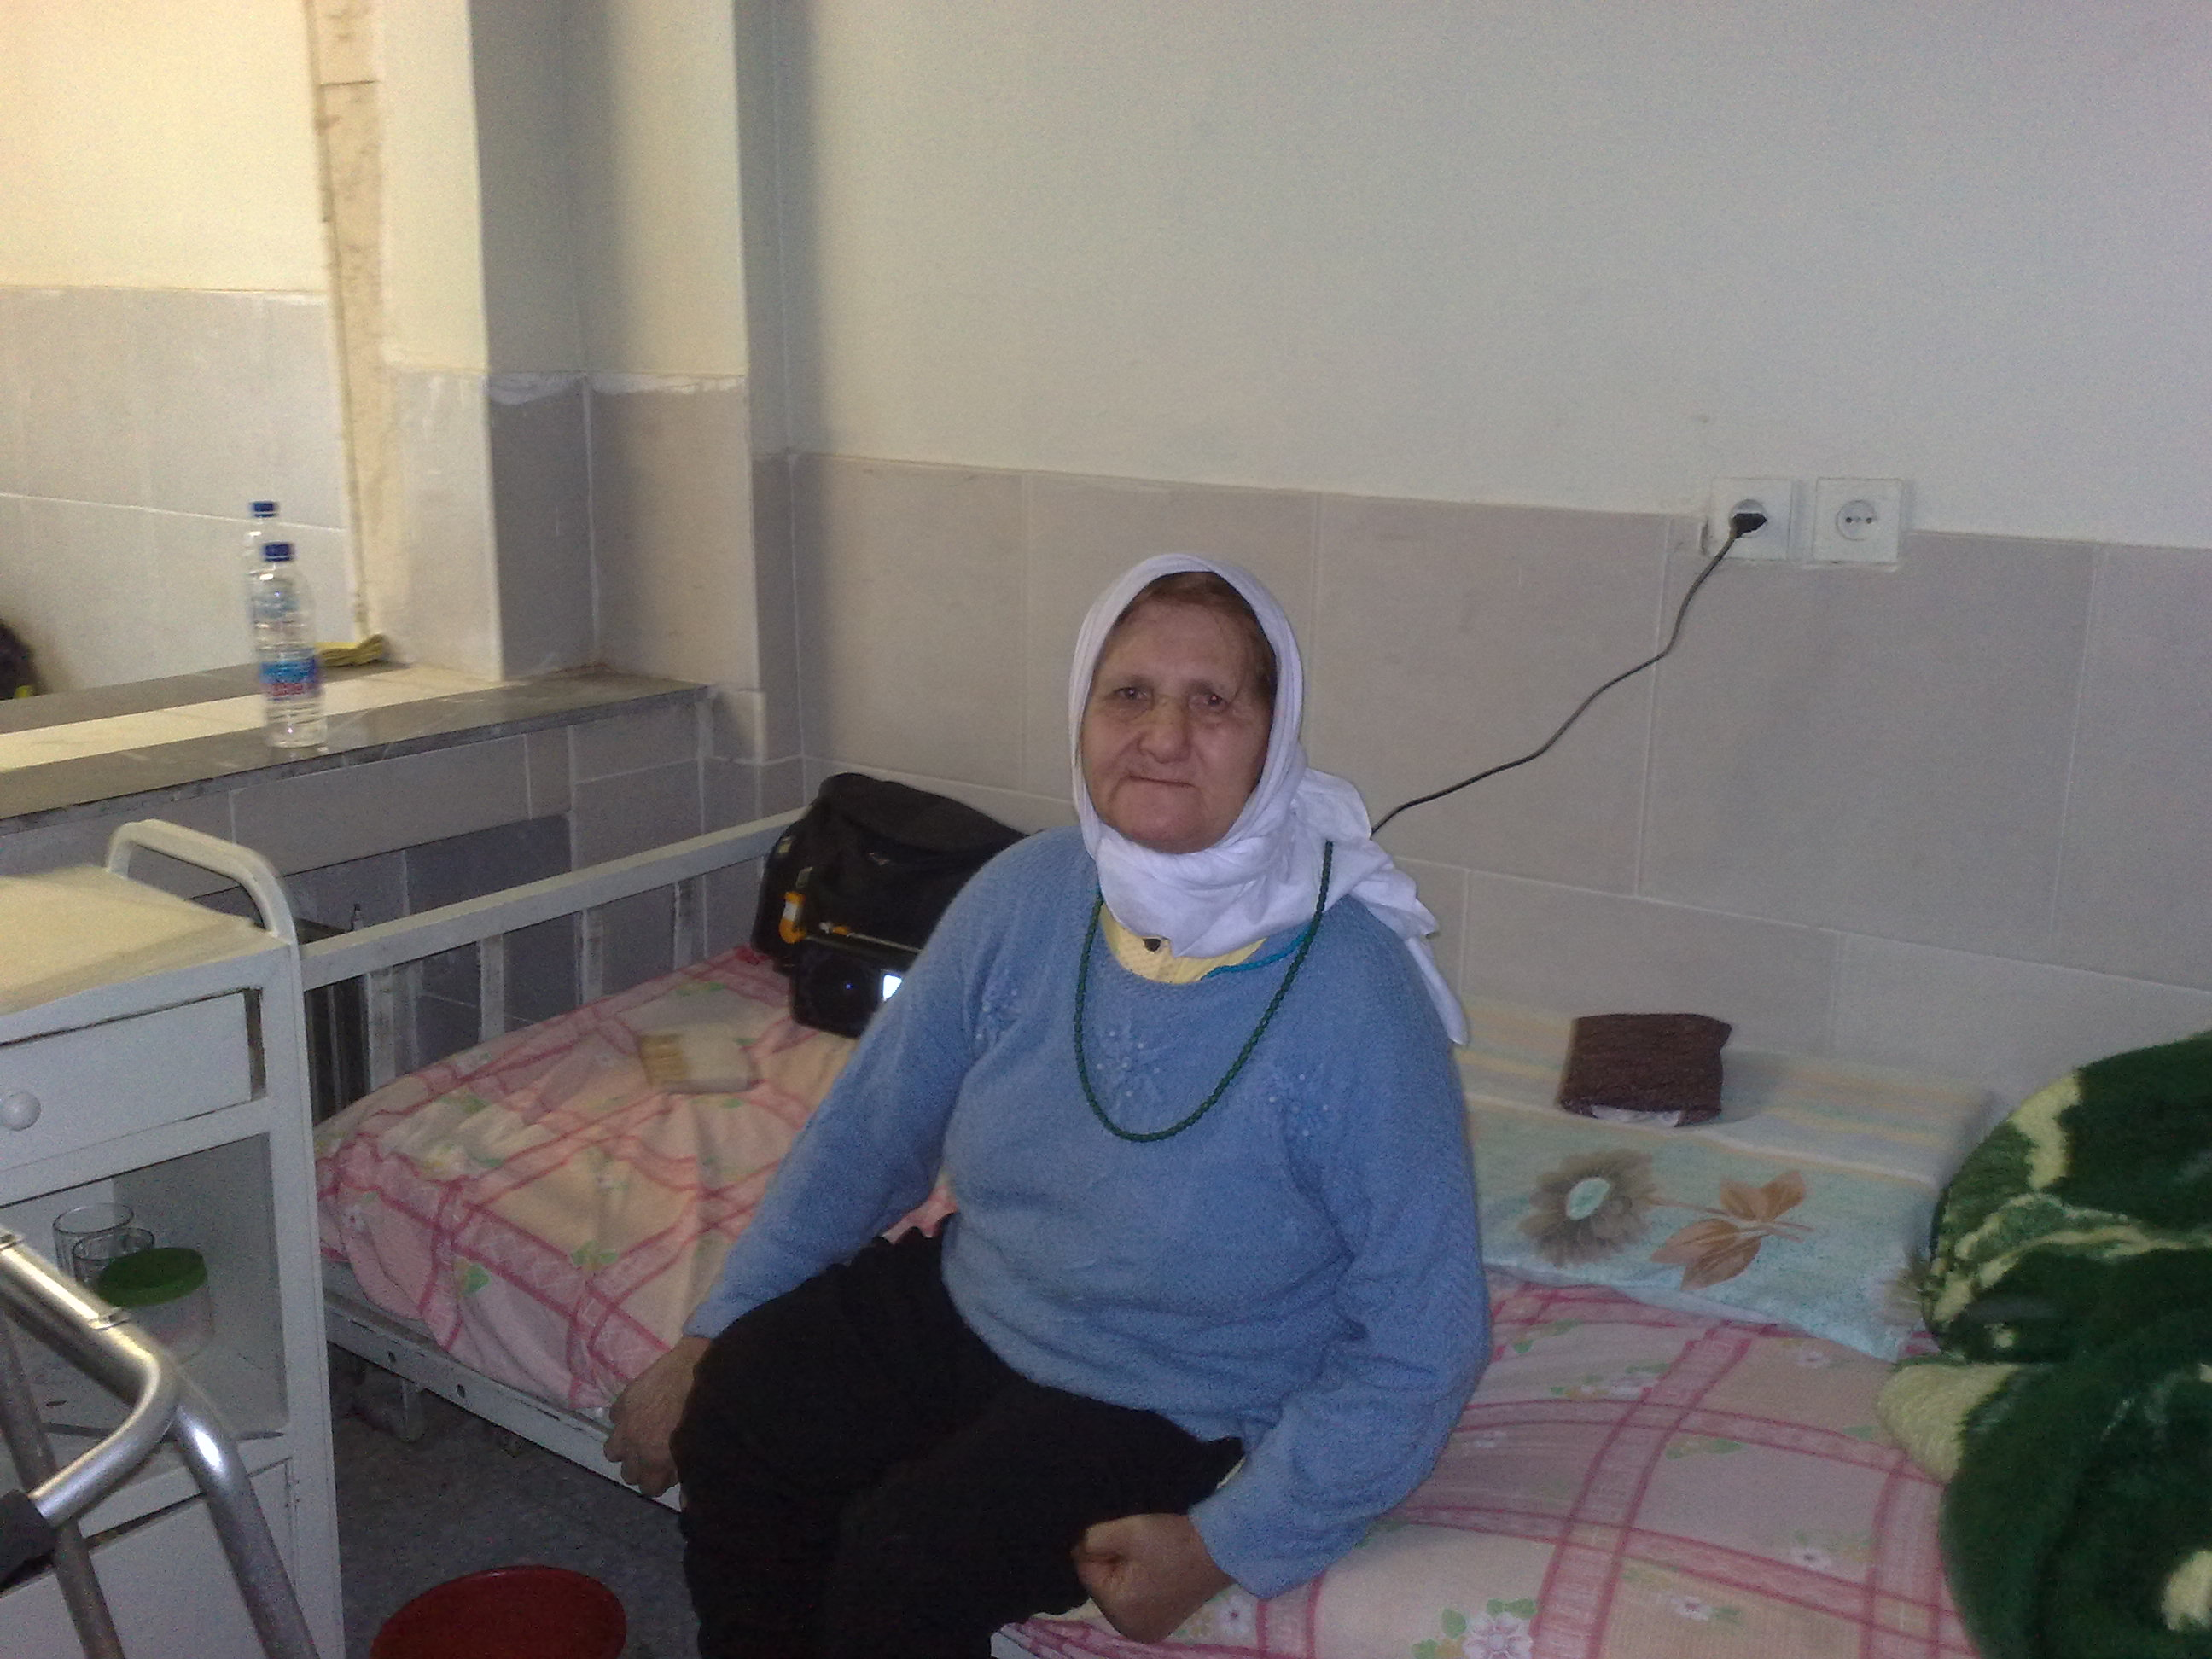 نظرتون در مورد سالمندان و خانه سالمندان چيست؟